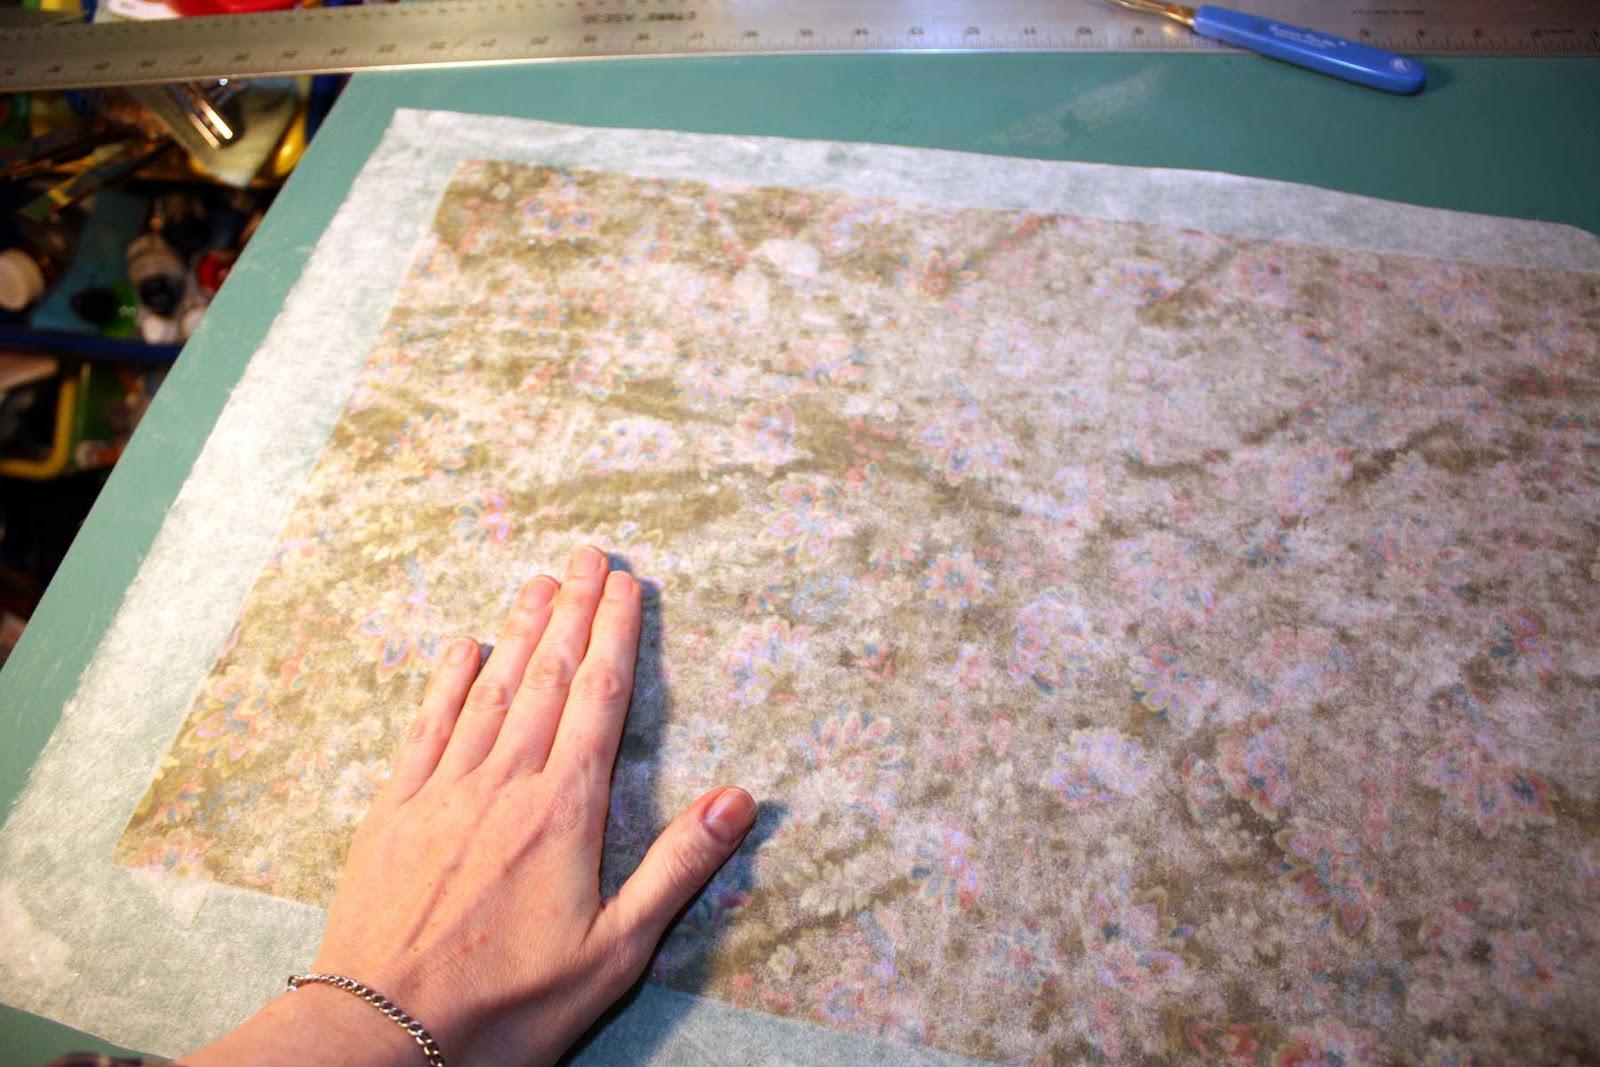 http://4.bp.blogspot.com/_93BLxeTtIgQ/TJ_yVqh0m3I/AAAAAAAAAu8/JUmZy1hWNy4/s1600/smoothing-kozo-over-cloth.jpg